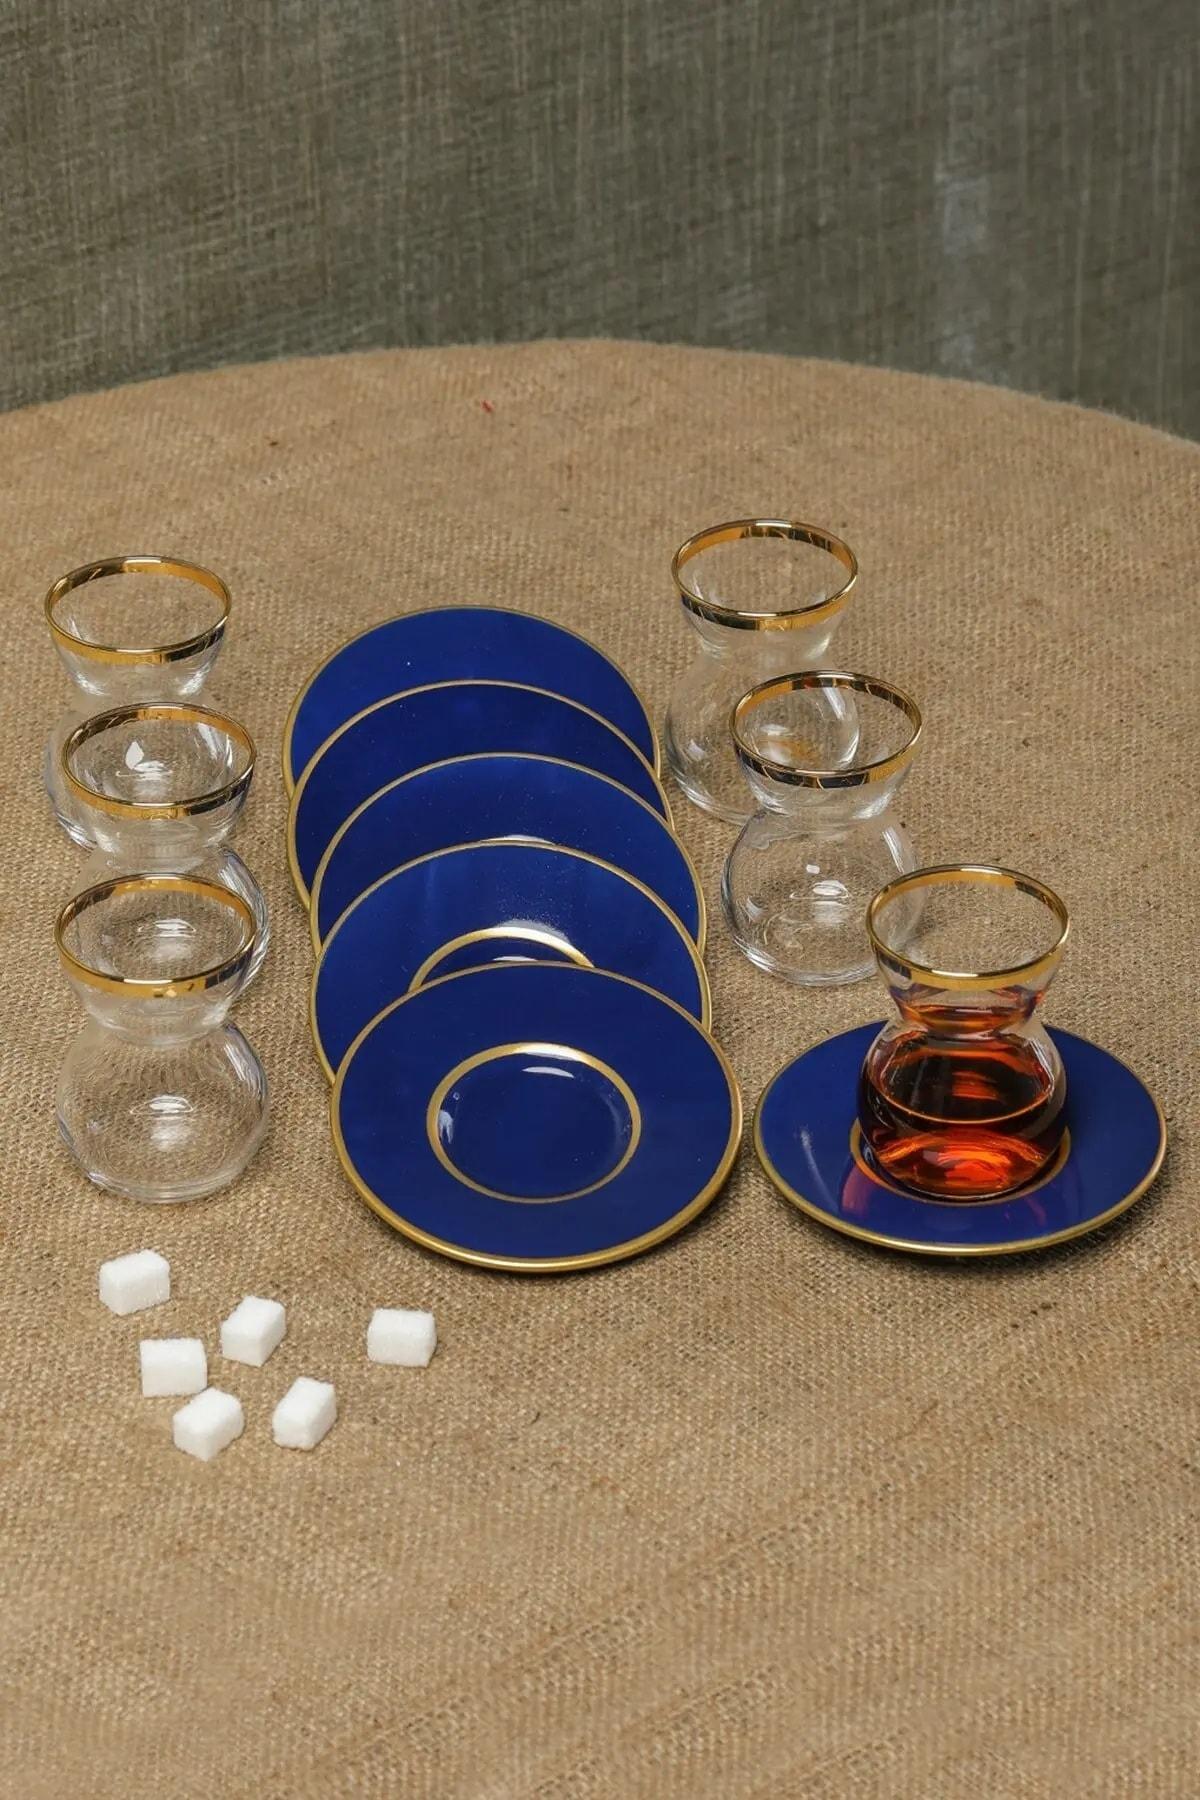 Cooker Dekorlu 12 Parça Çay Bardağı Takımı Seti Cay-takimi Ckr2691 1